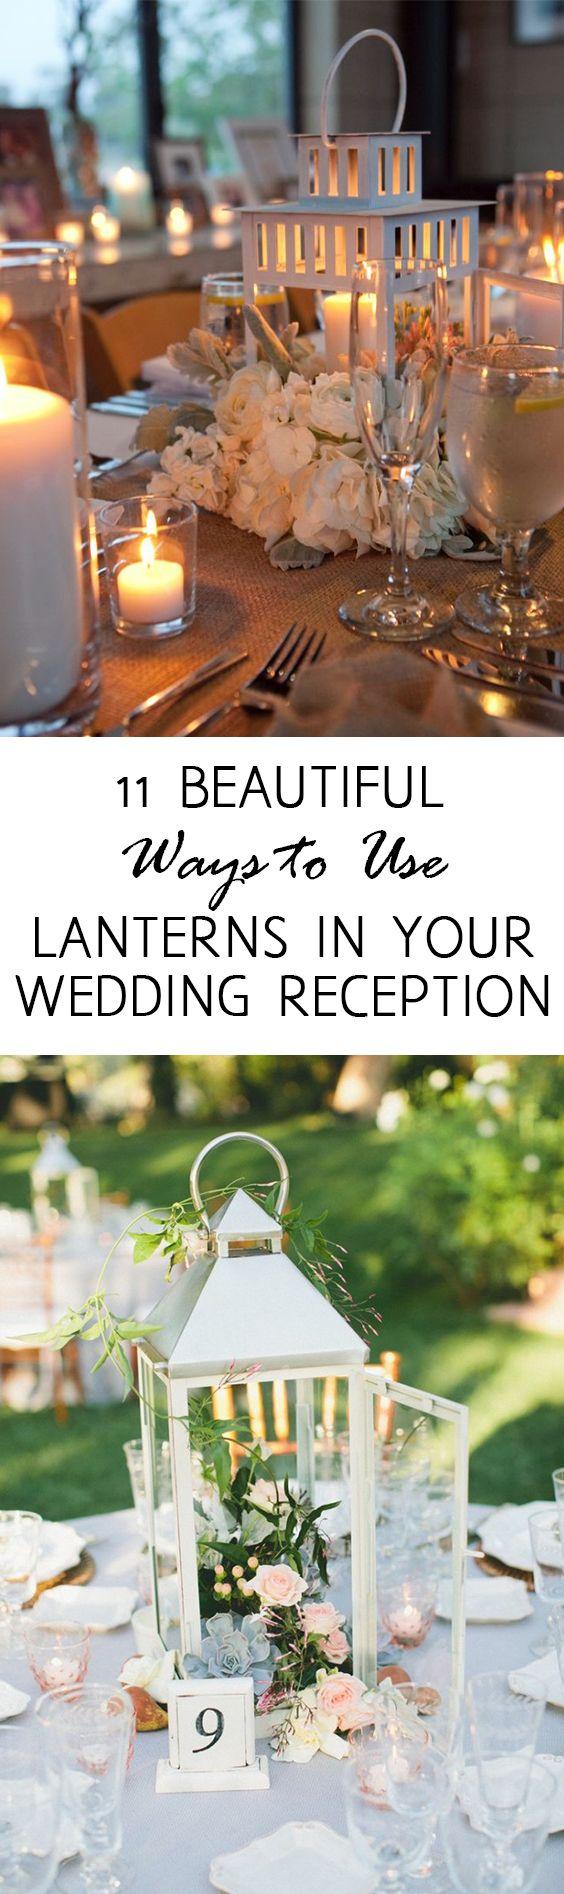 Lanterns, wedding lighting, DIY wedding decor, wedding decor, popular pin, DIY lanterns, DIY wedding lighting, wedding hacks, frugal wedding decor.